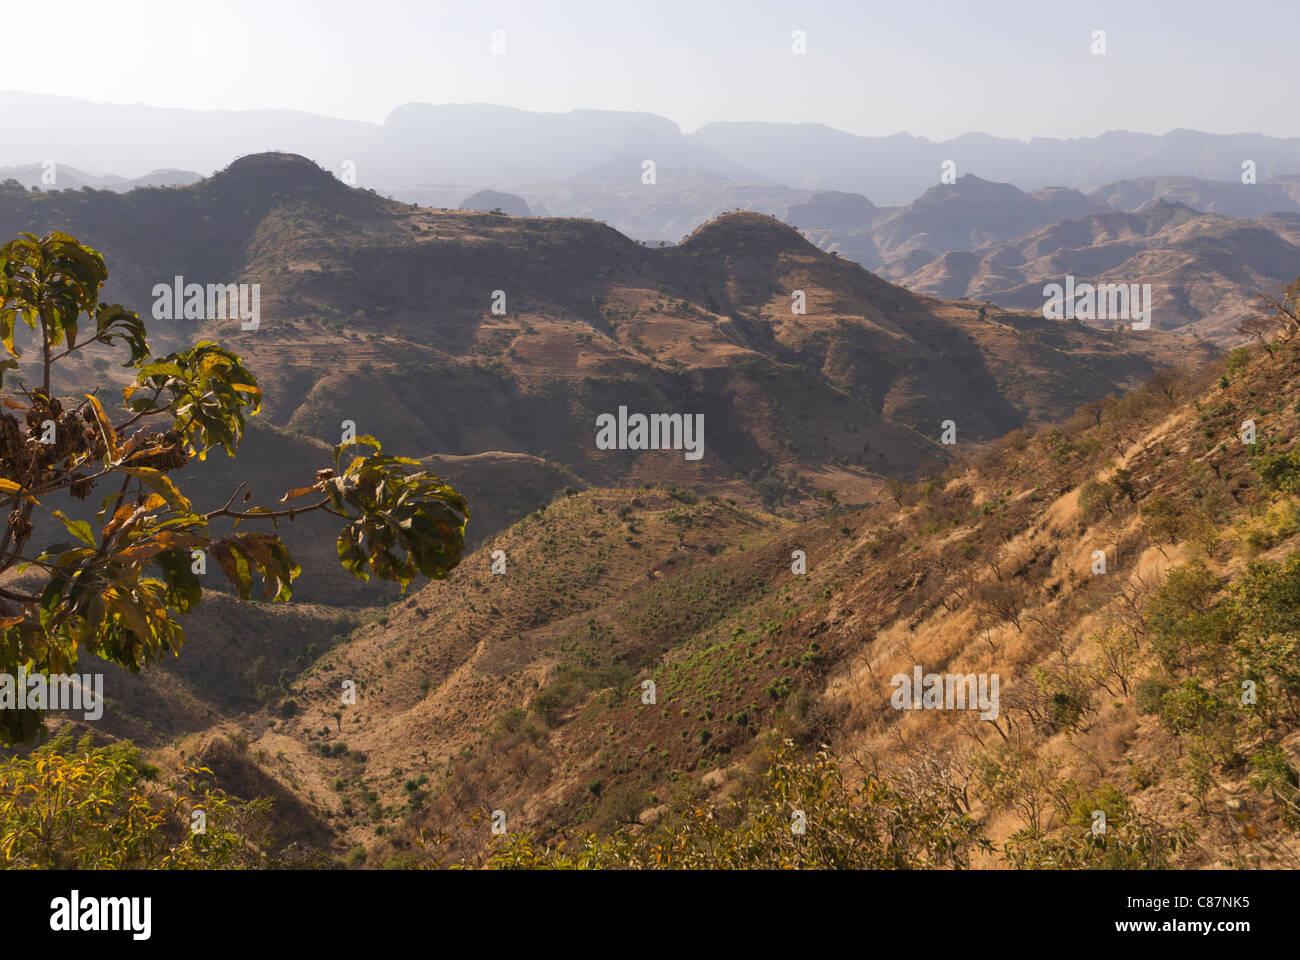 Elk200-2625 Ethiopia, landscape North of Gondar. - Stock Image